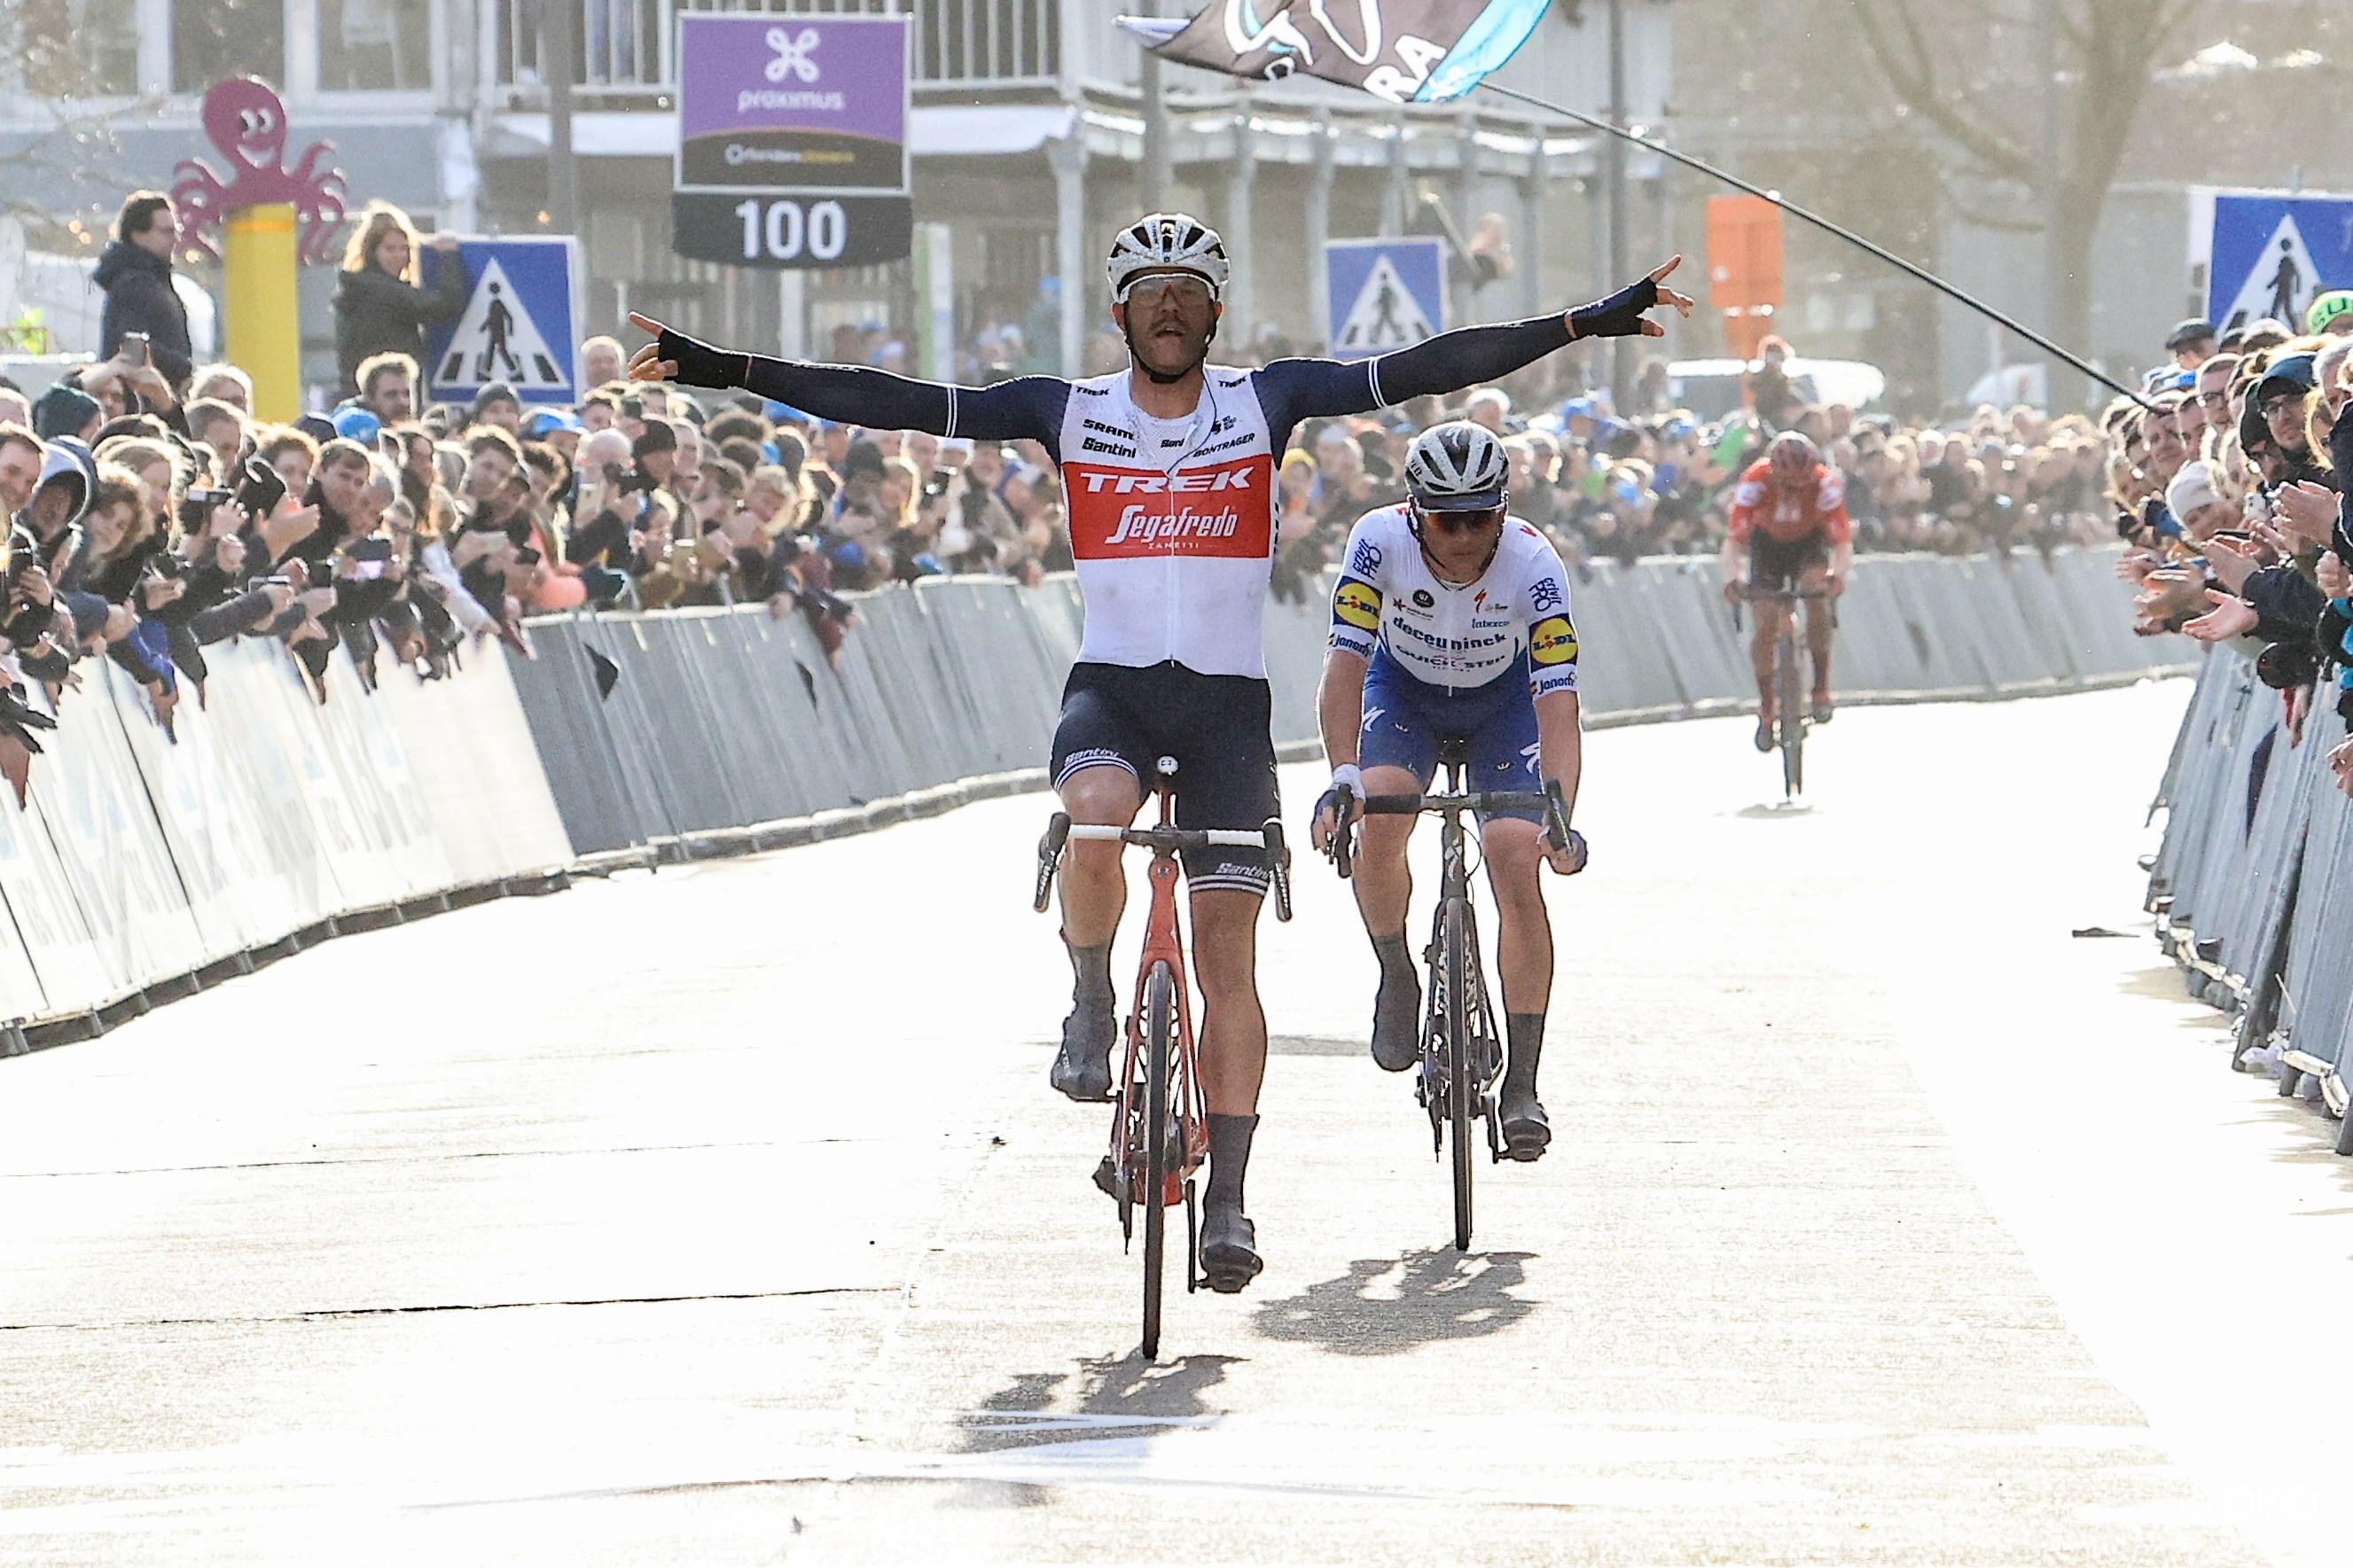 Stuyven maakt het in de sprint makkelijk af voor Lampaert (Pro Shots / George Deswijzen)